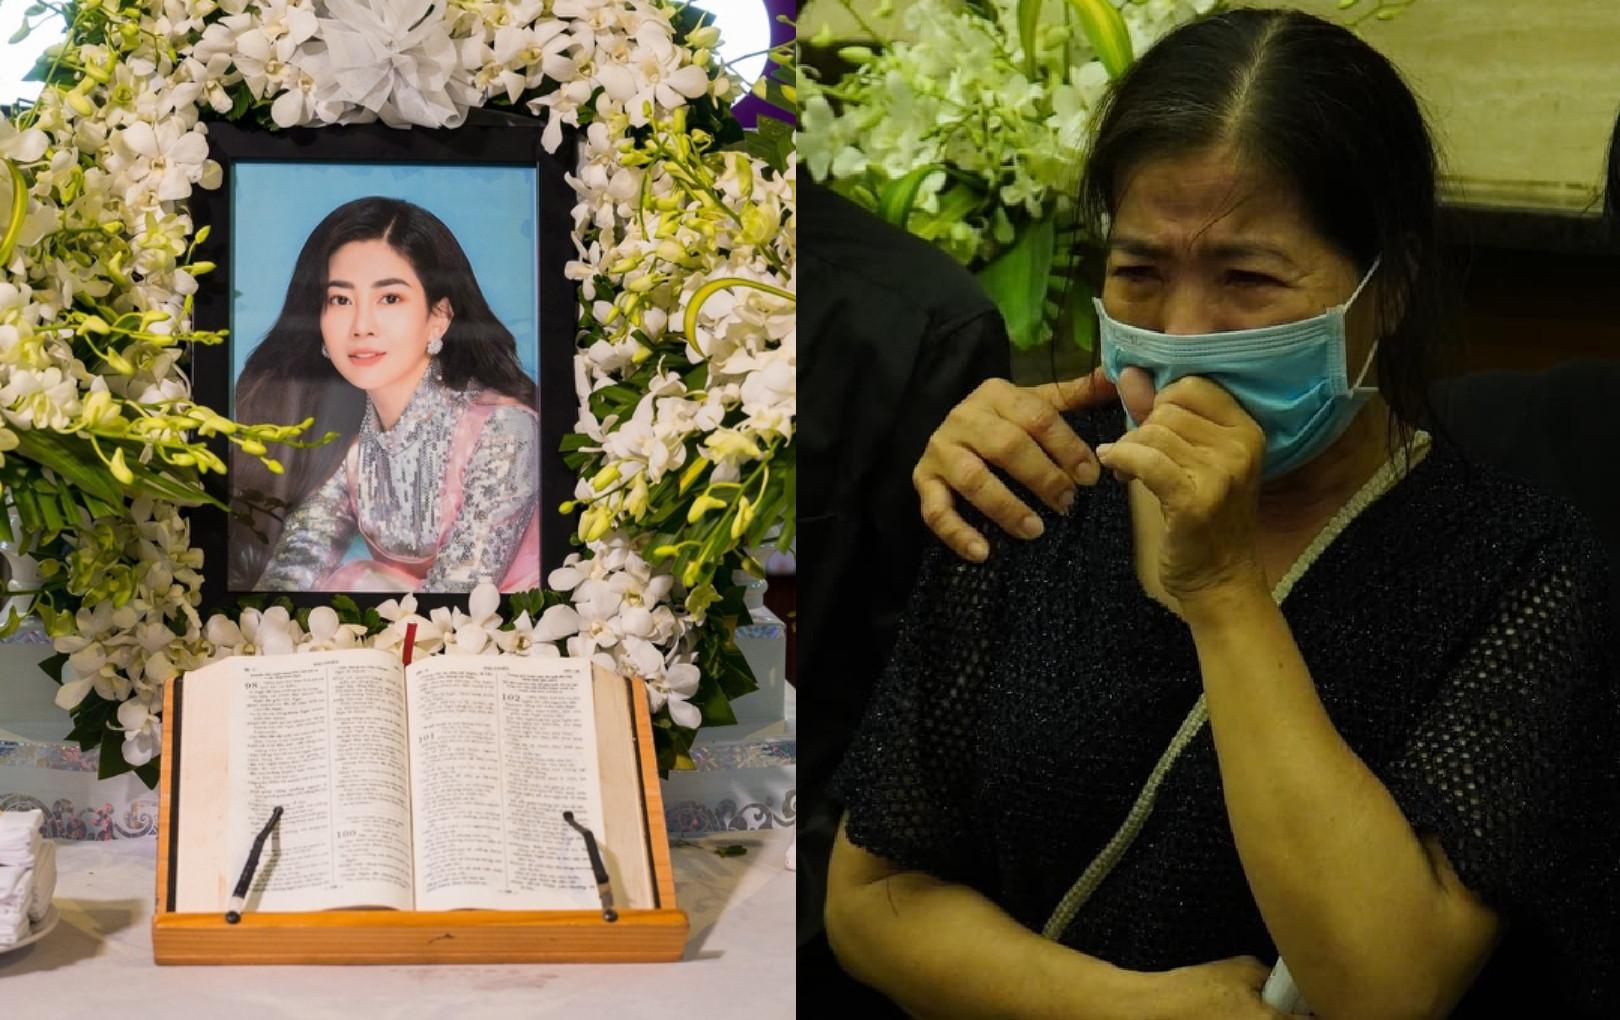 Mẹ Mai Phương khóc nức nở khi tiễn biệt con gái về với Chúa